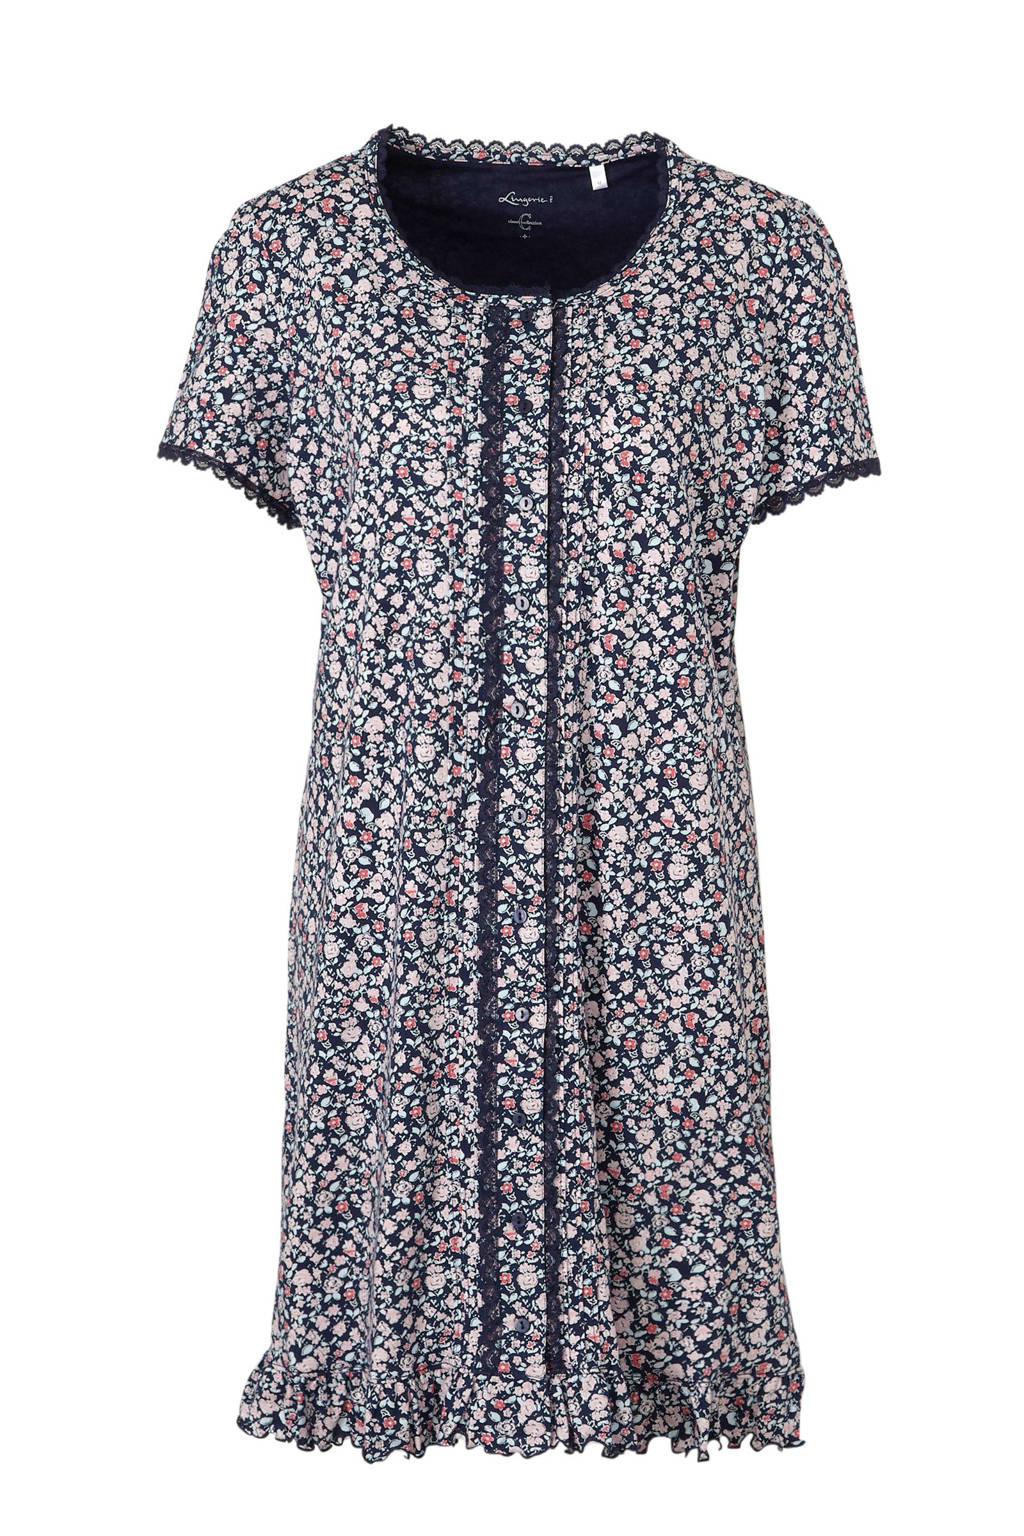 C&A nachthemd met all over bloemenprint donkerblauw, Donkerblauw/multi